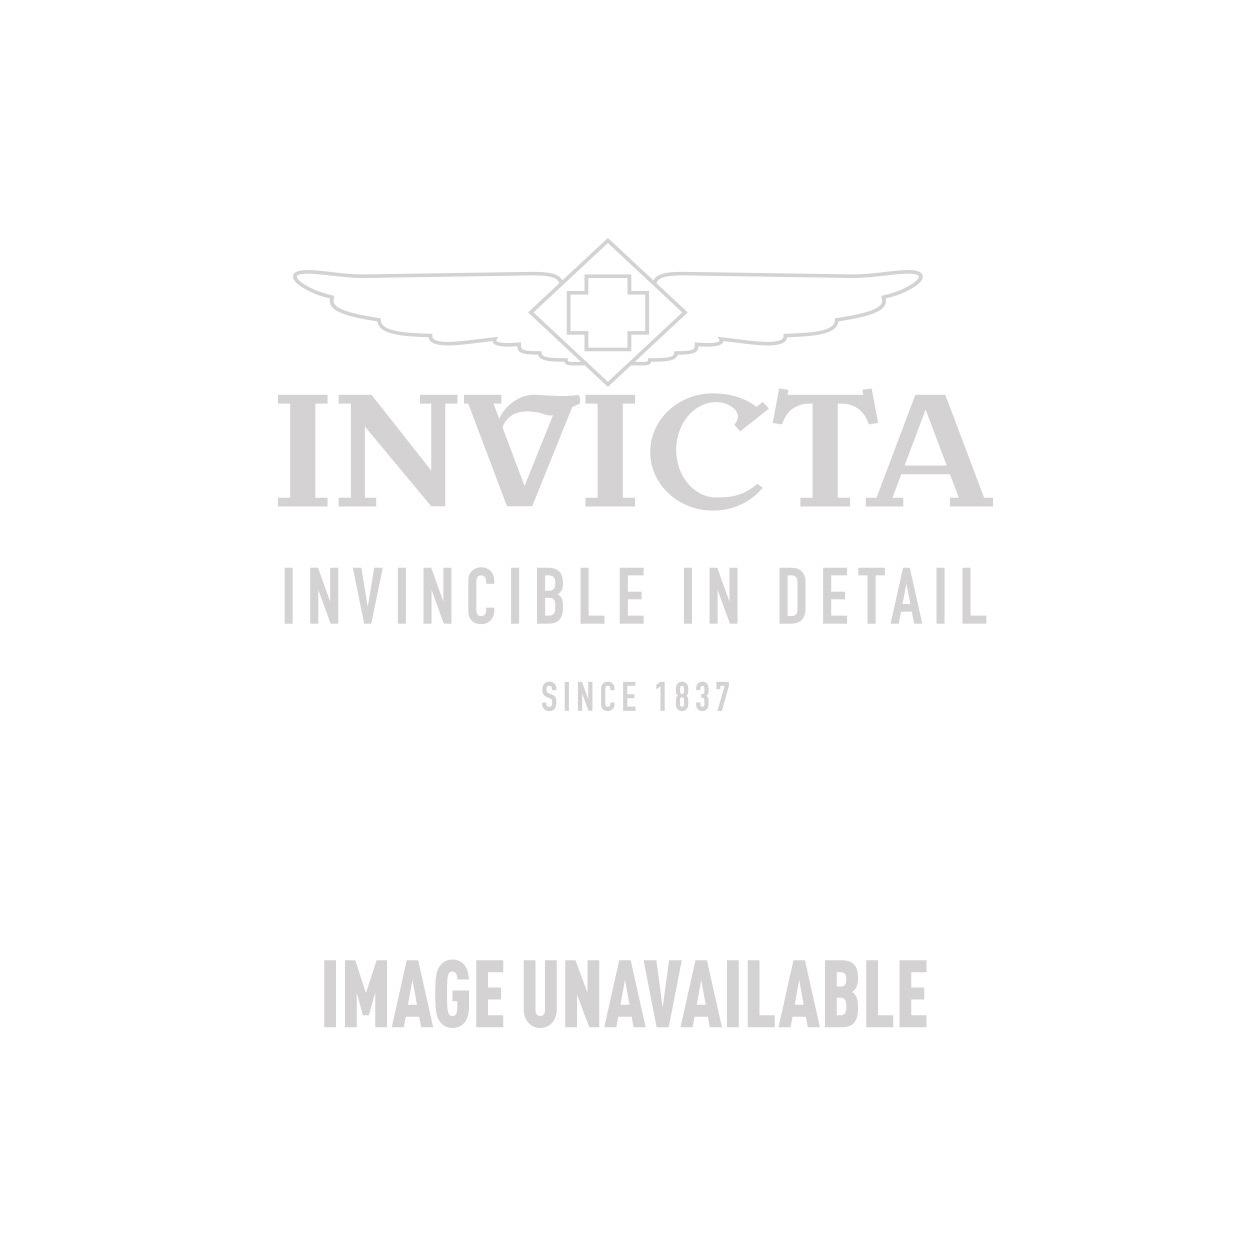 Invicta Model 28512